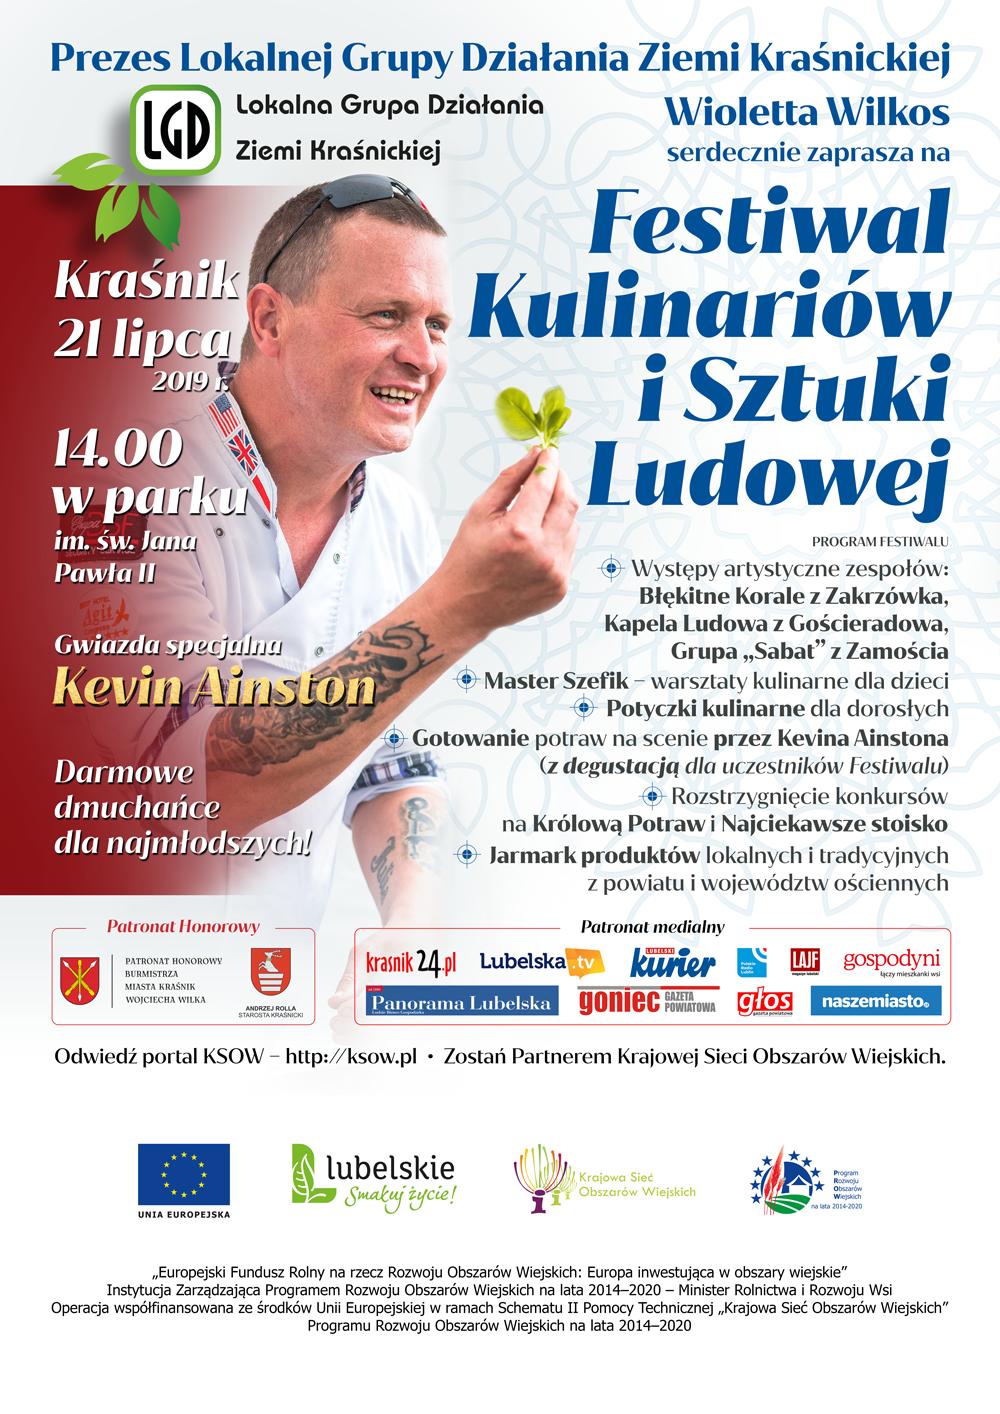 Festiwal Kulinariów i Sztuki Ludowej